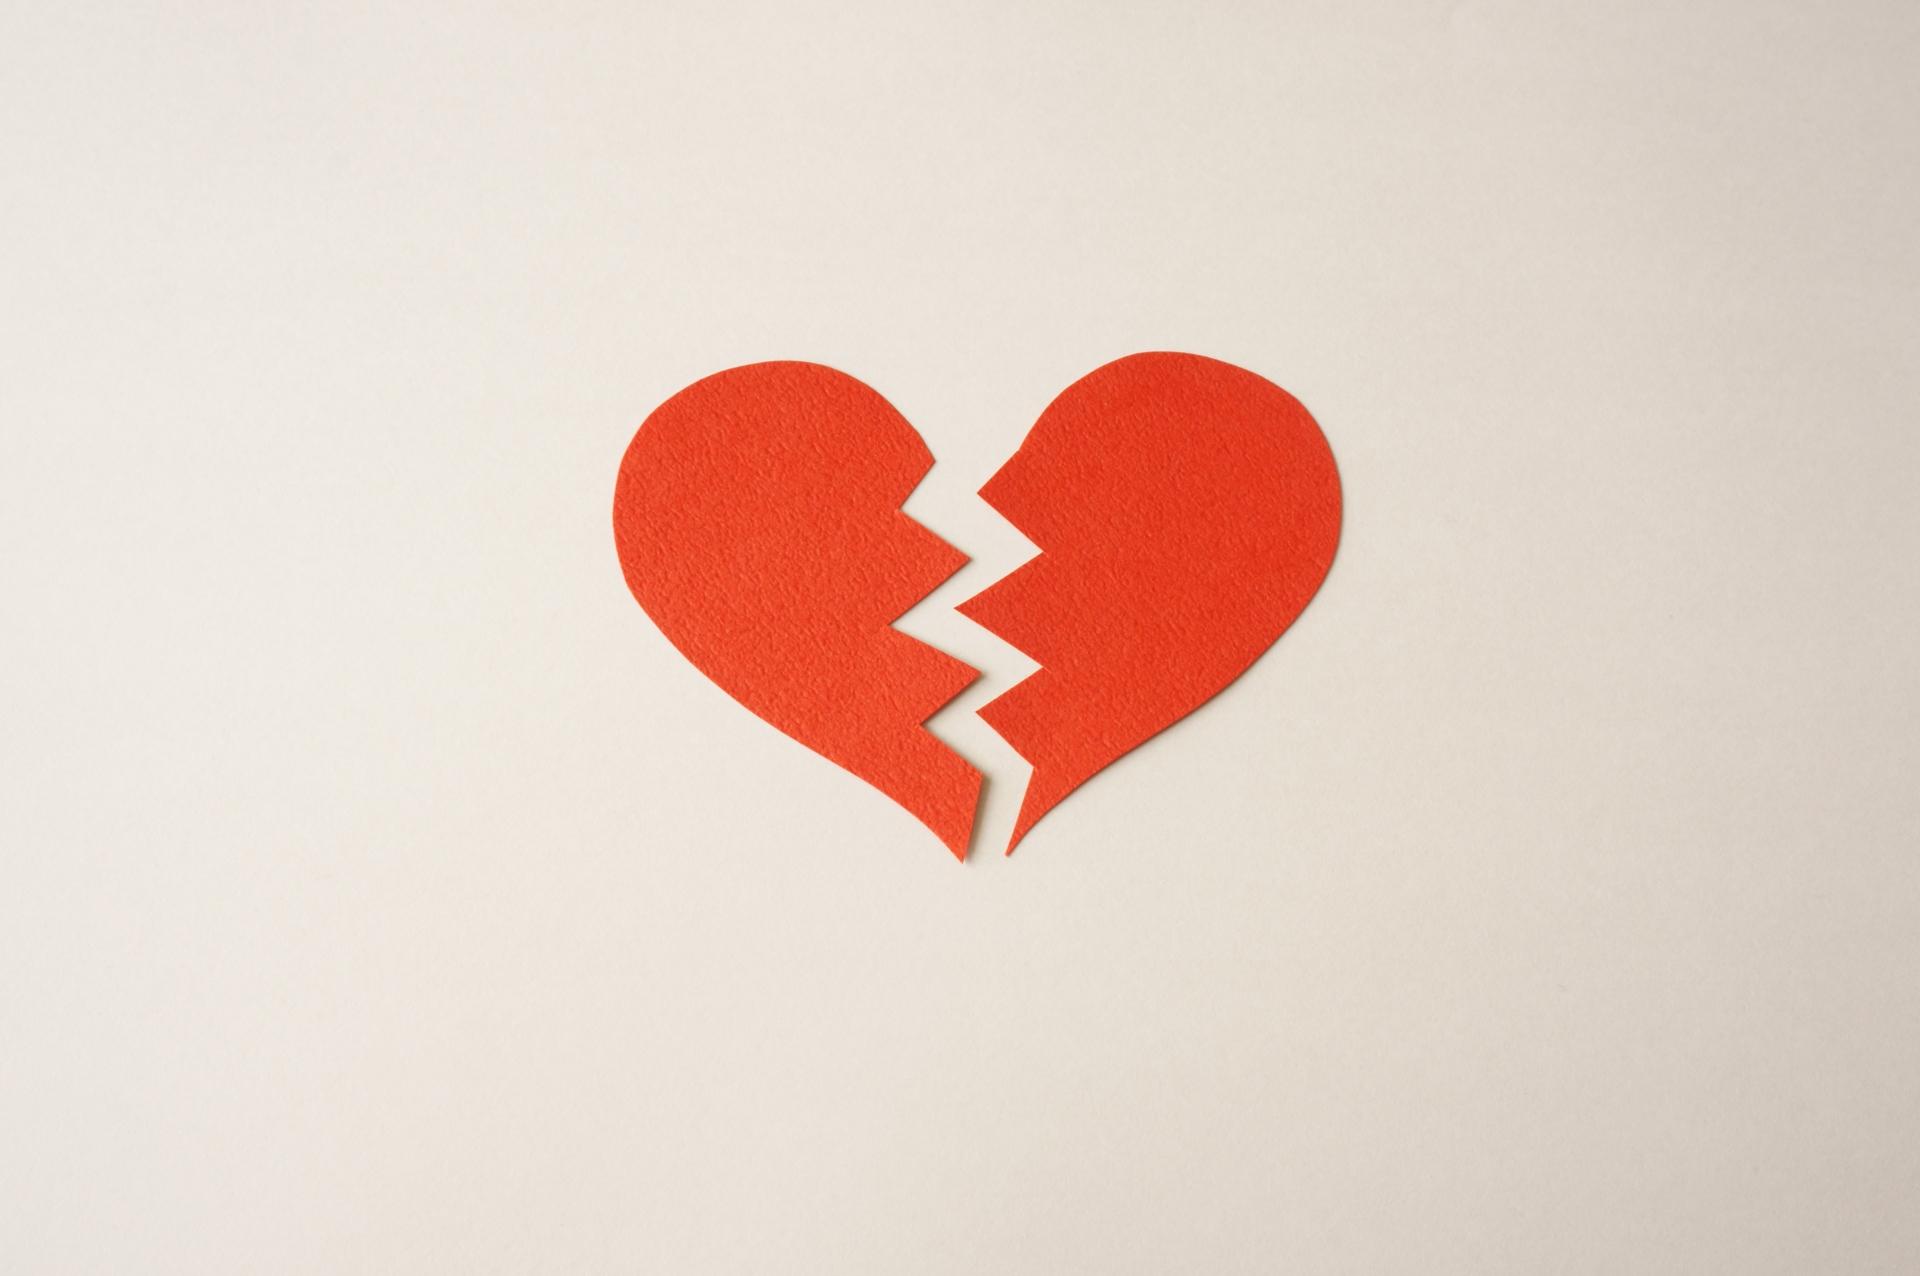 20代女性たちの失恋エピソード5選。衝撃的な失恋から立ち直る方法も紹介